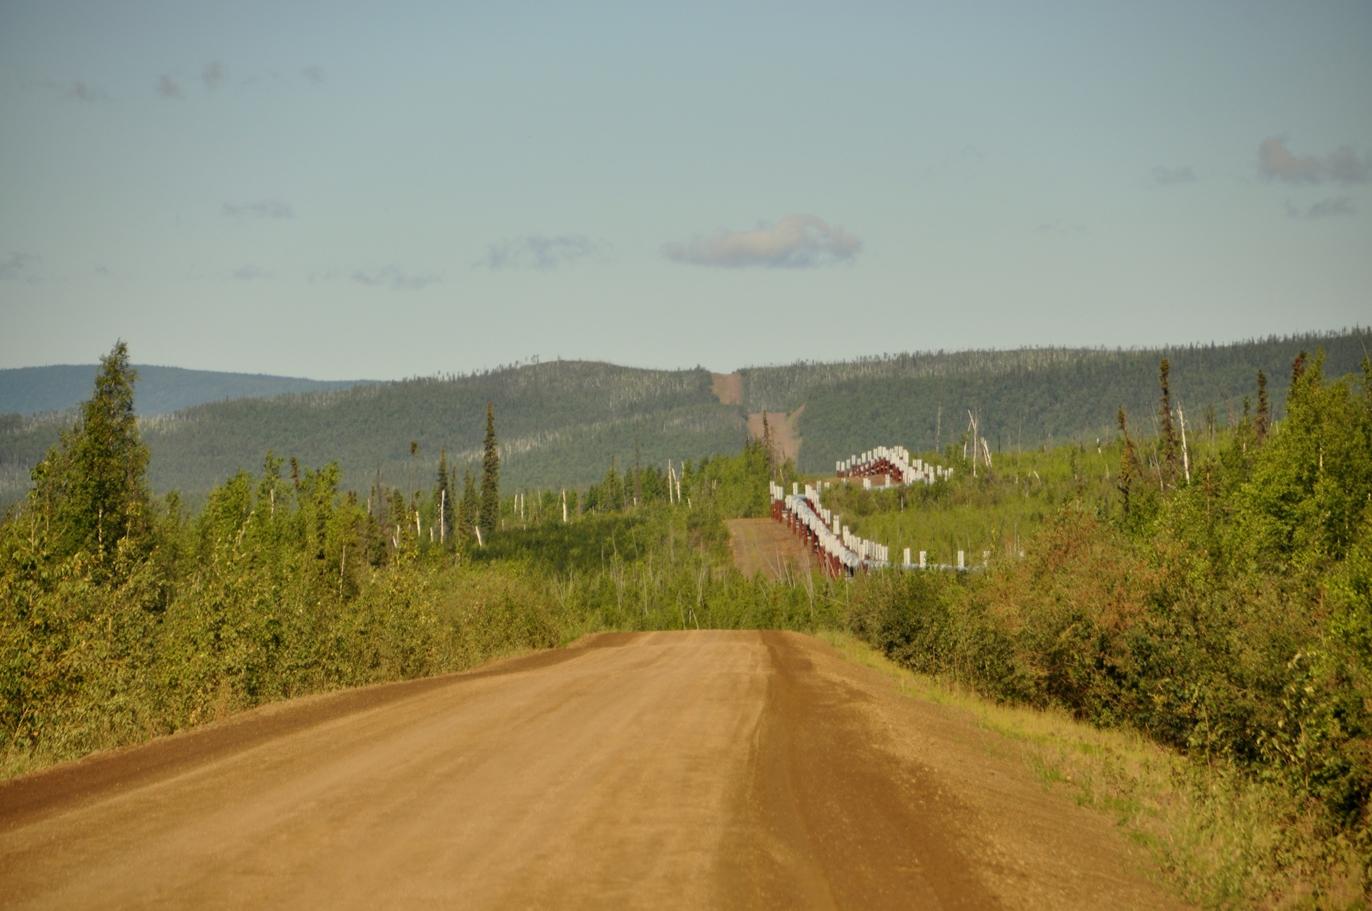 Meist führt die Schotterpiste entlang der Pipeline